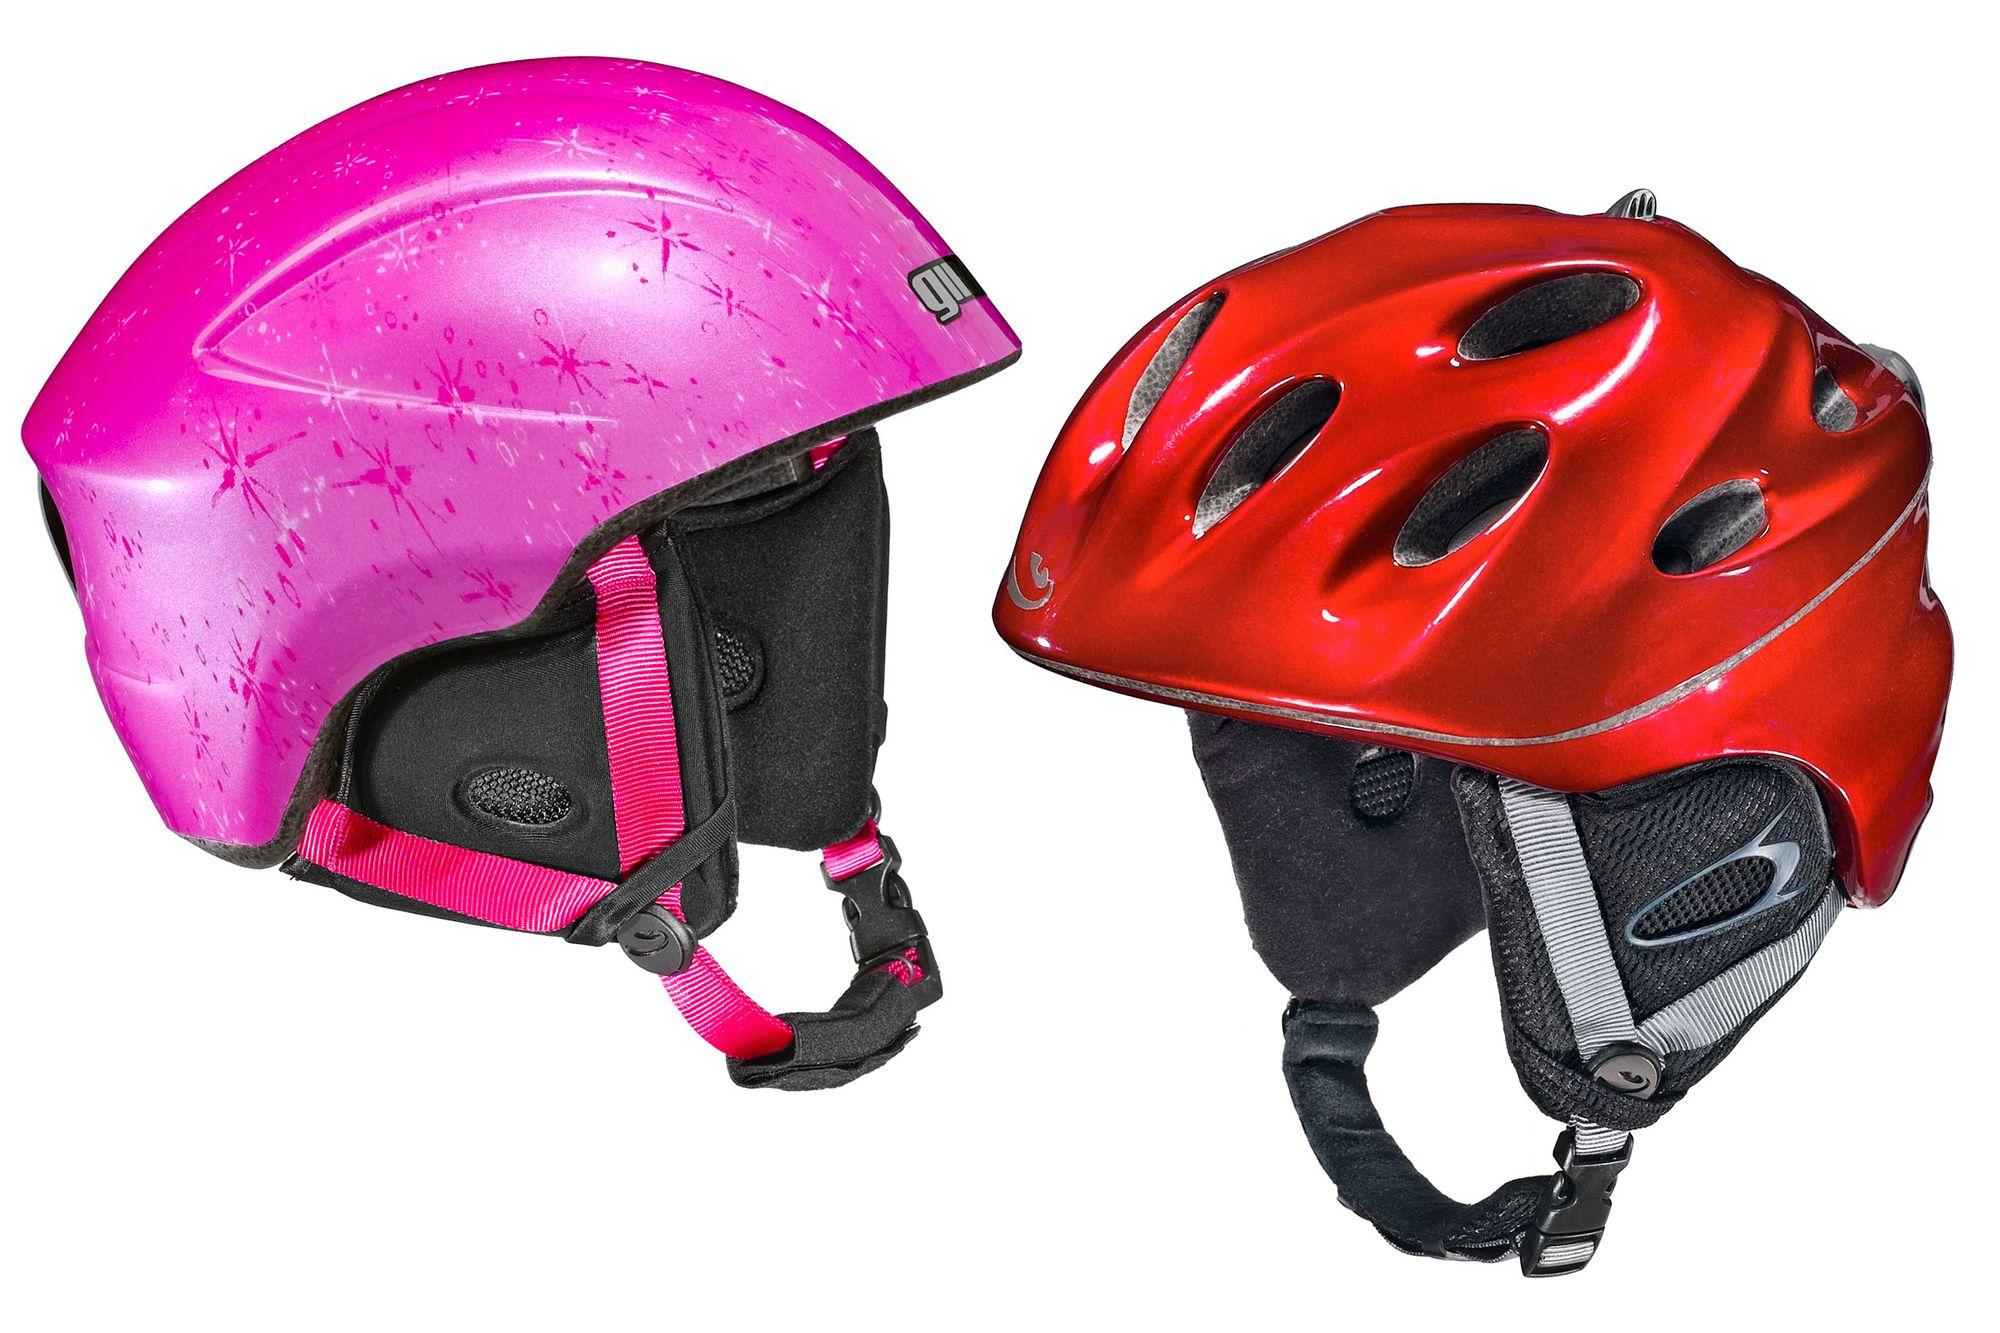 741454_702884_helmets_01.jpg